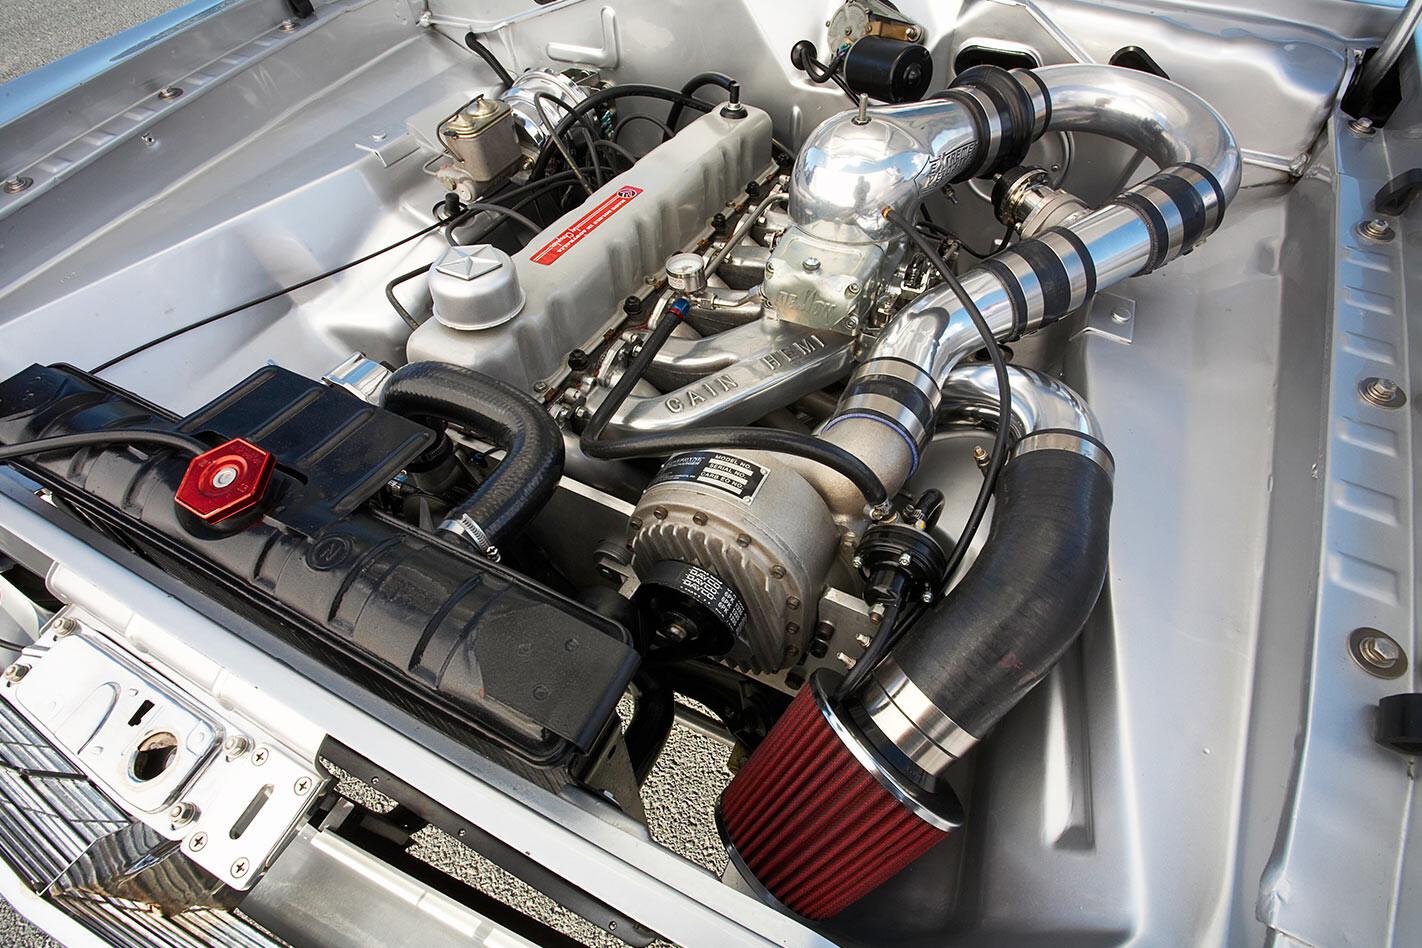 Chrysler VG Valiant ute engine bay